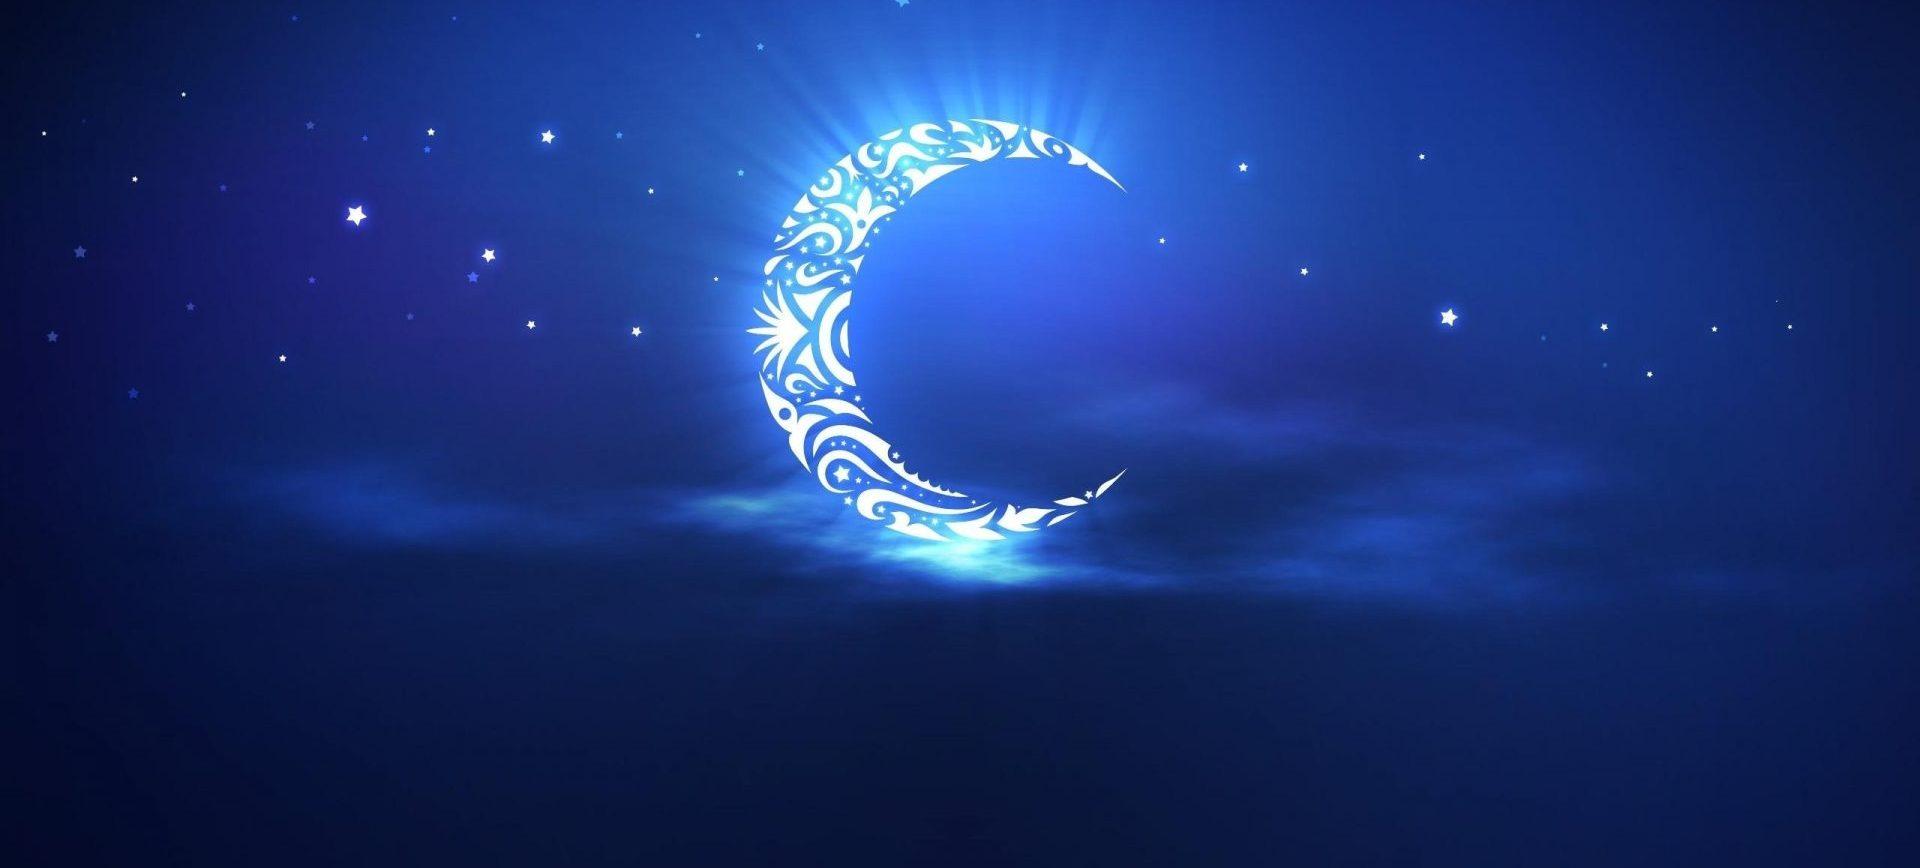 Semana de Luna creciente en Los Mensajes de Cupido — FMDOS